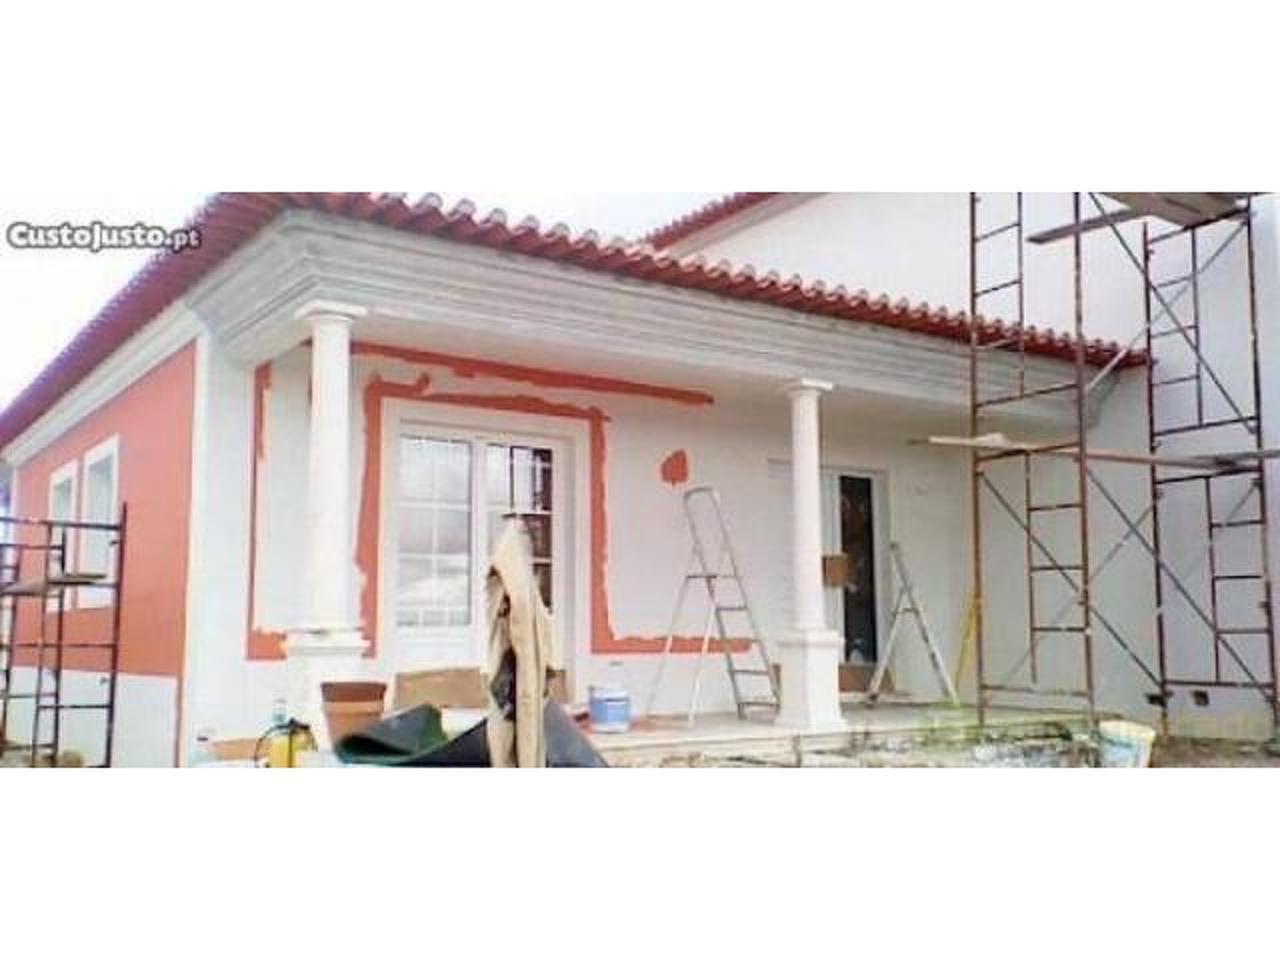 Construção Pinturas Trolha Tectos Falsos Etc, - Porto - 1/2